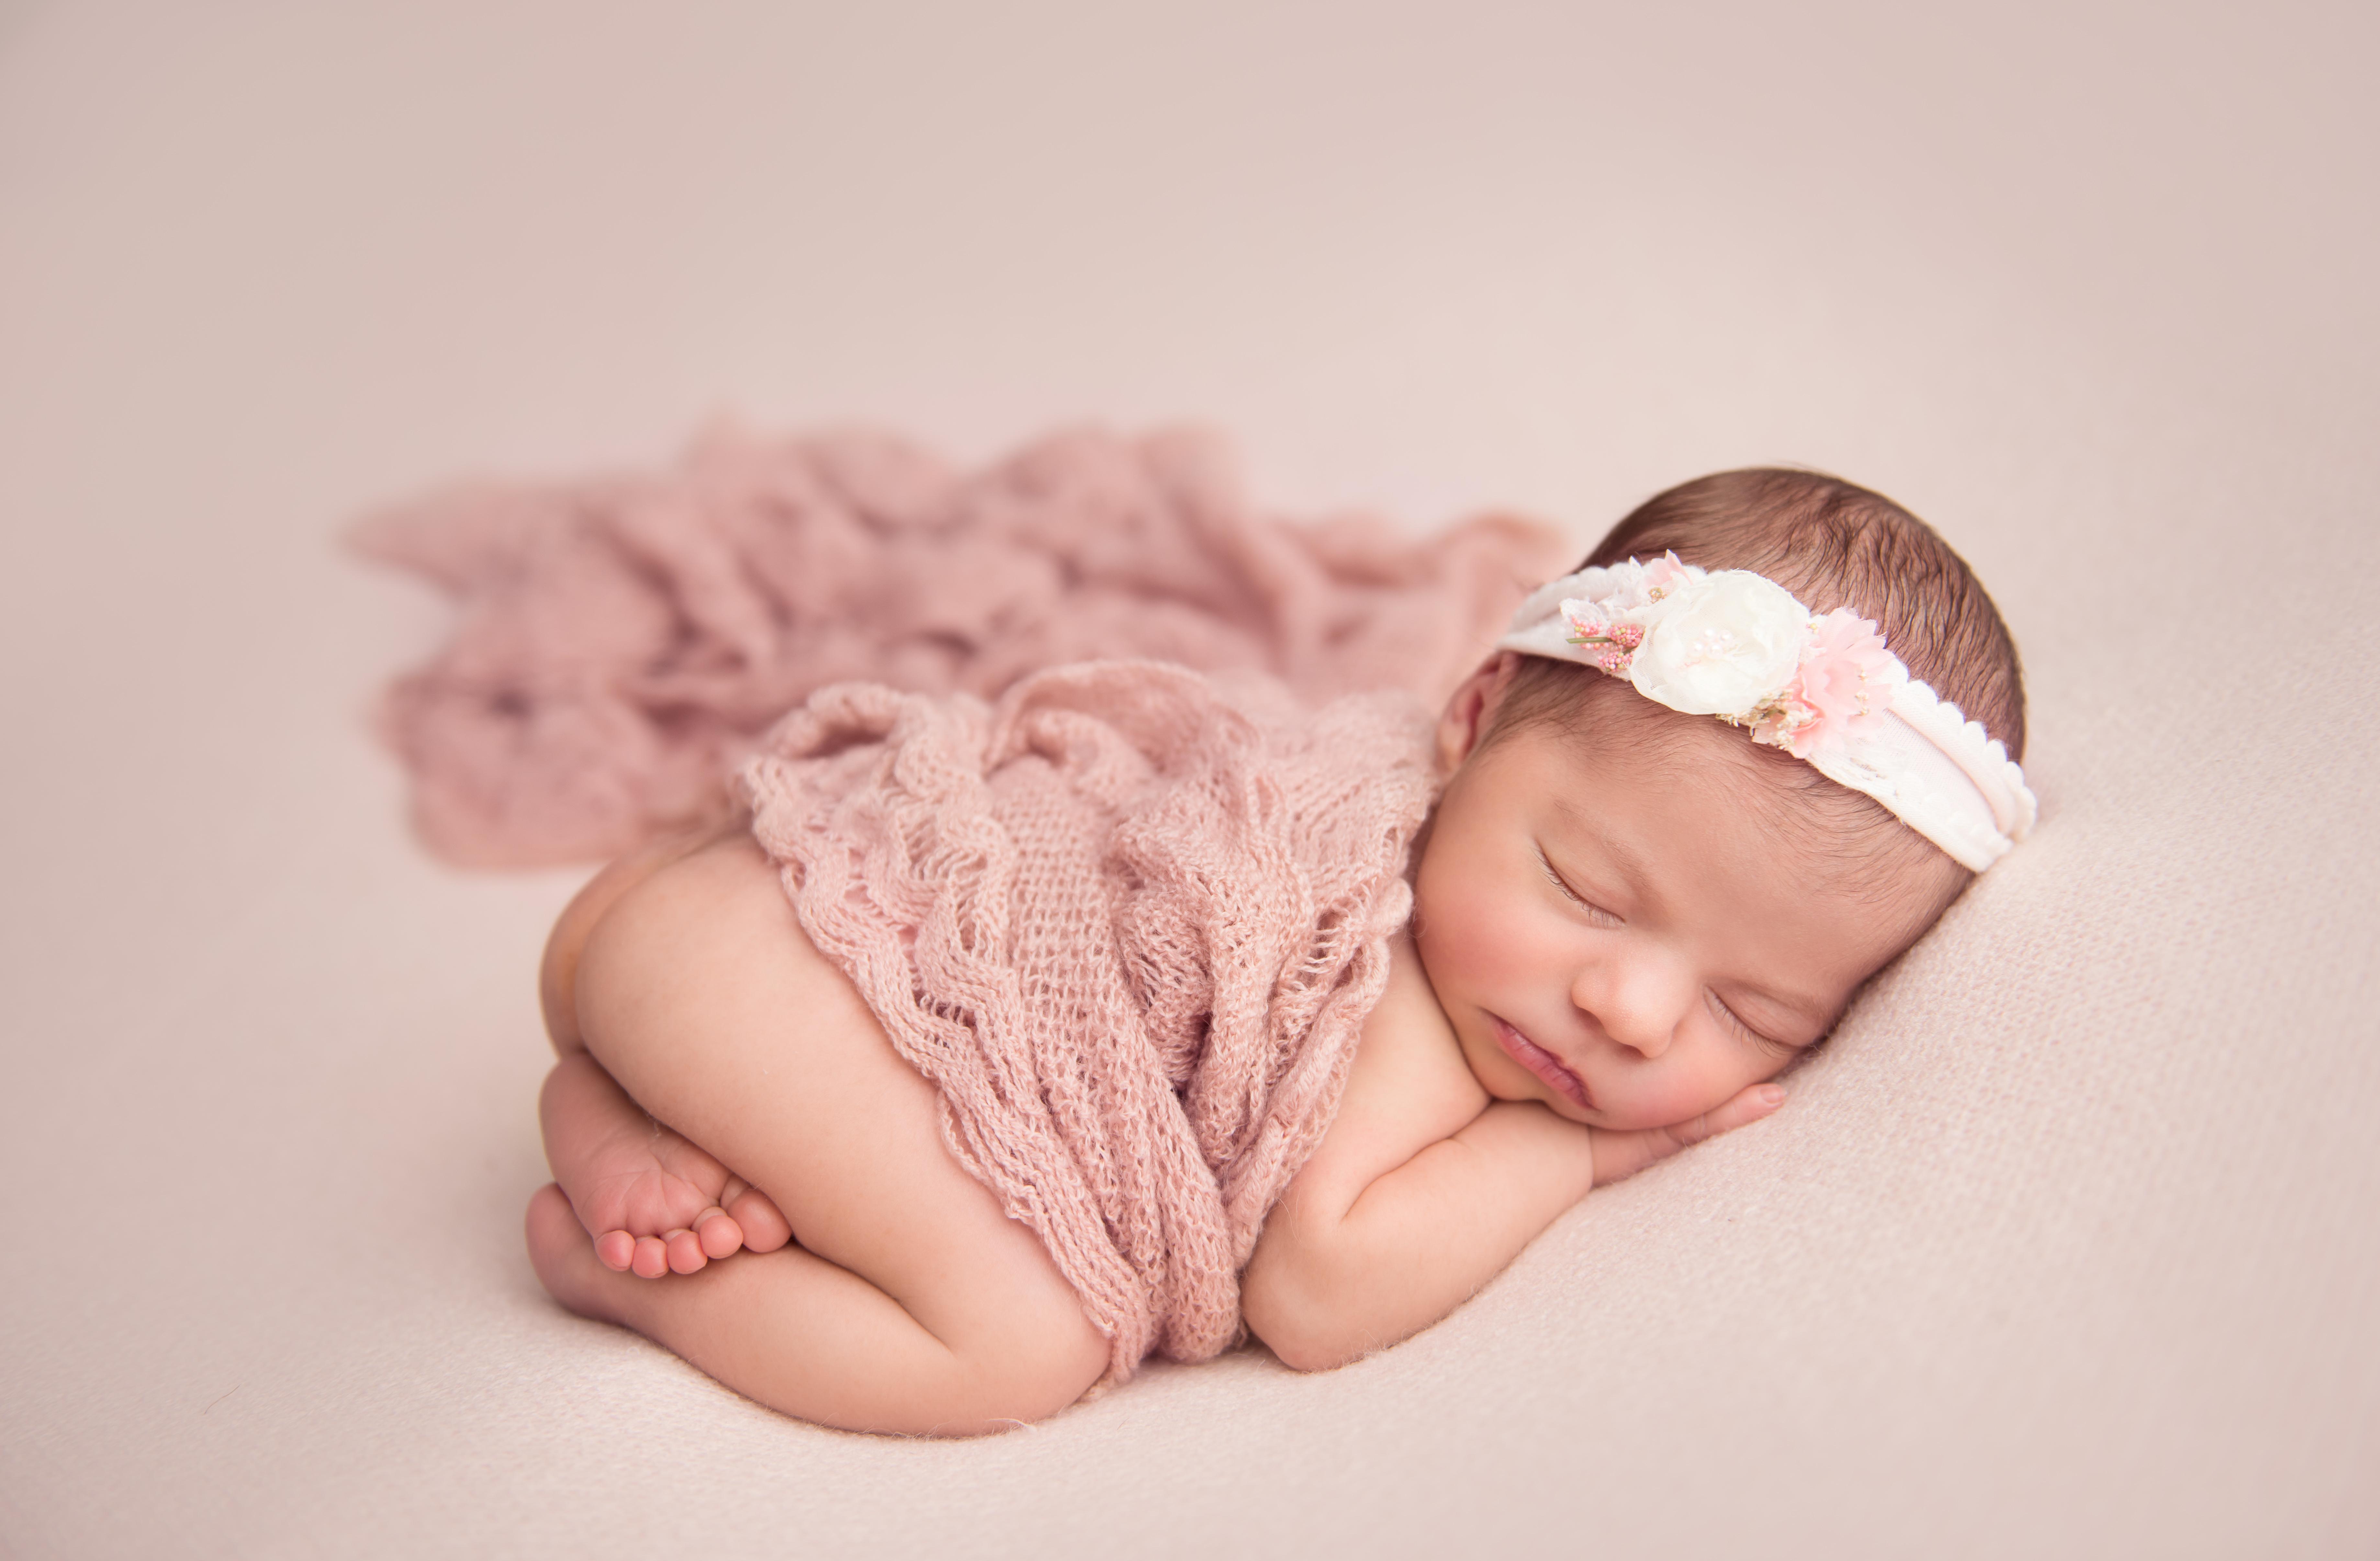 bum up pose newborn baby